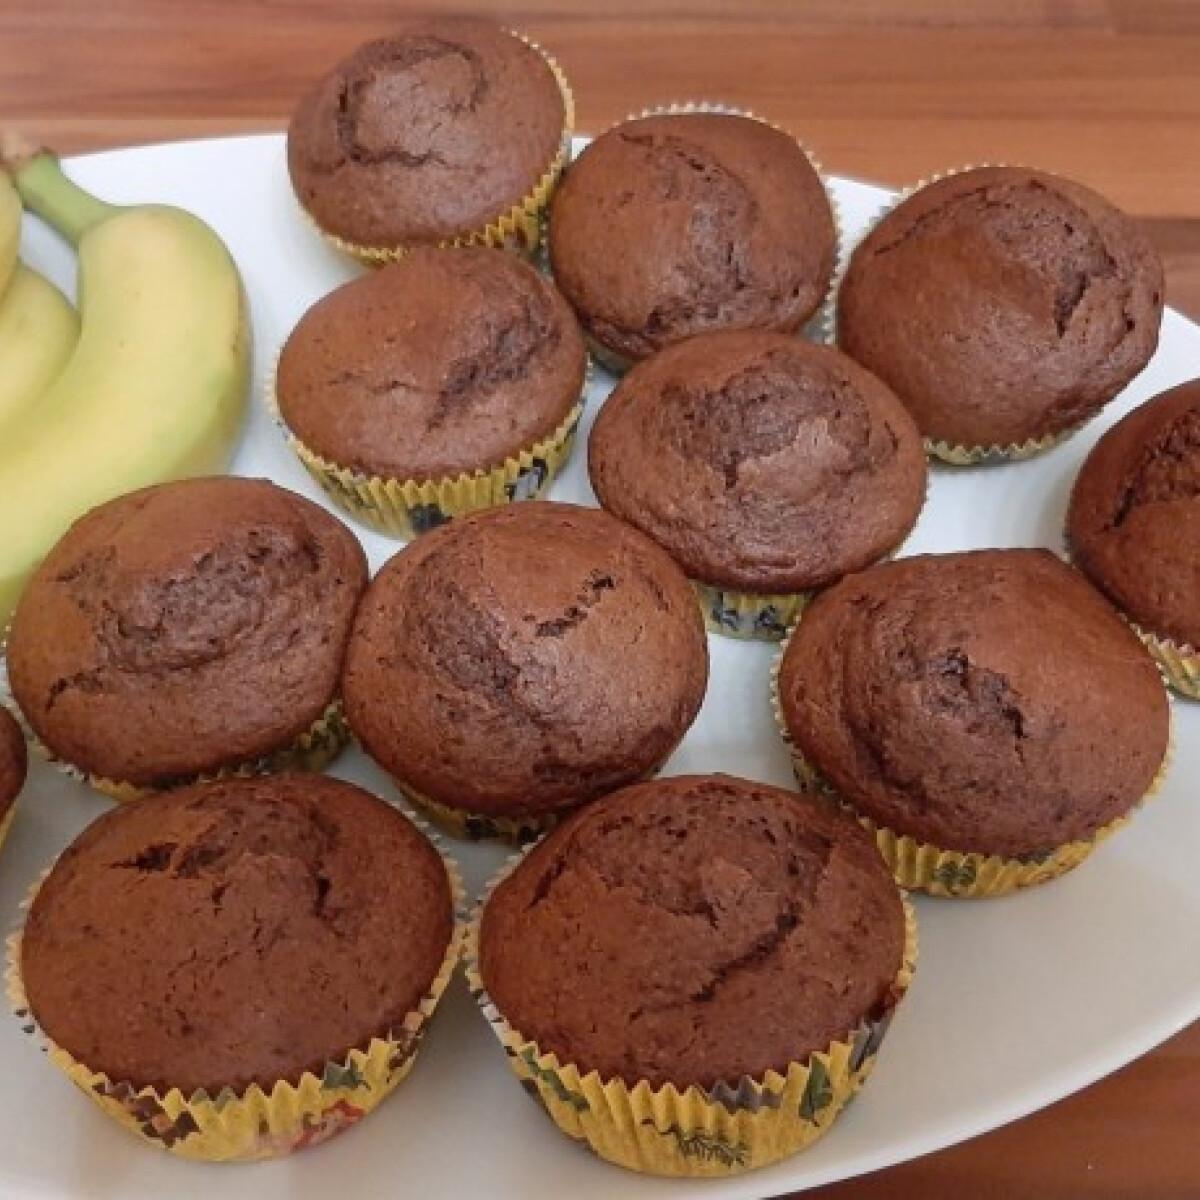 Ezen a képen: Banános csokis muffin Bazsarózsa konyhájából